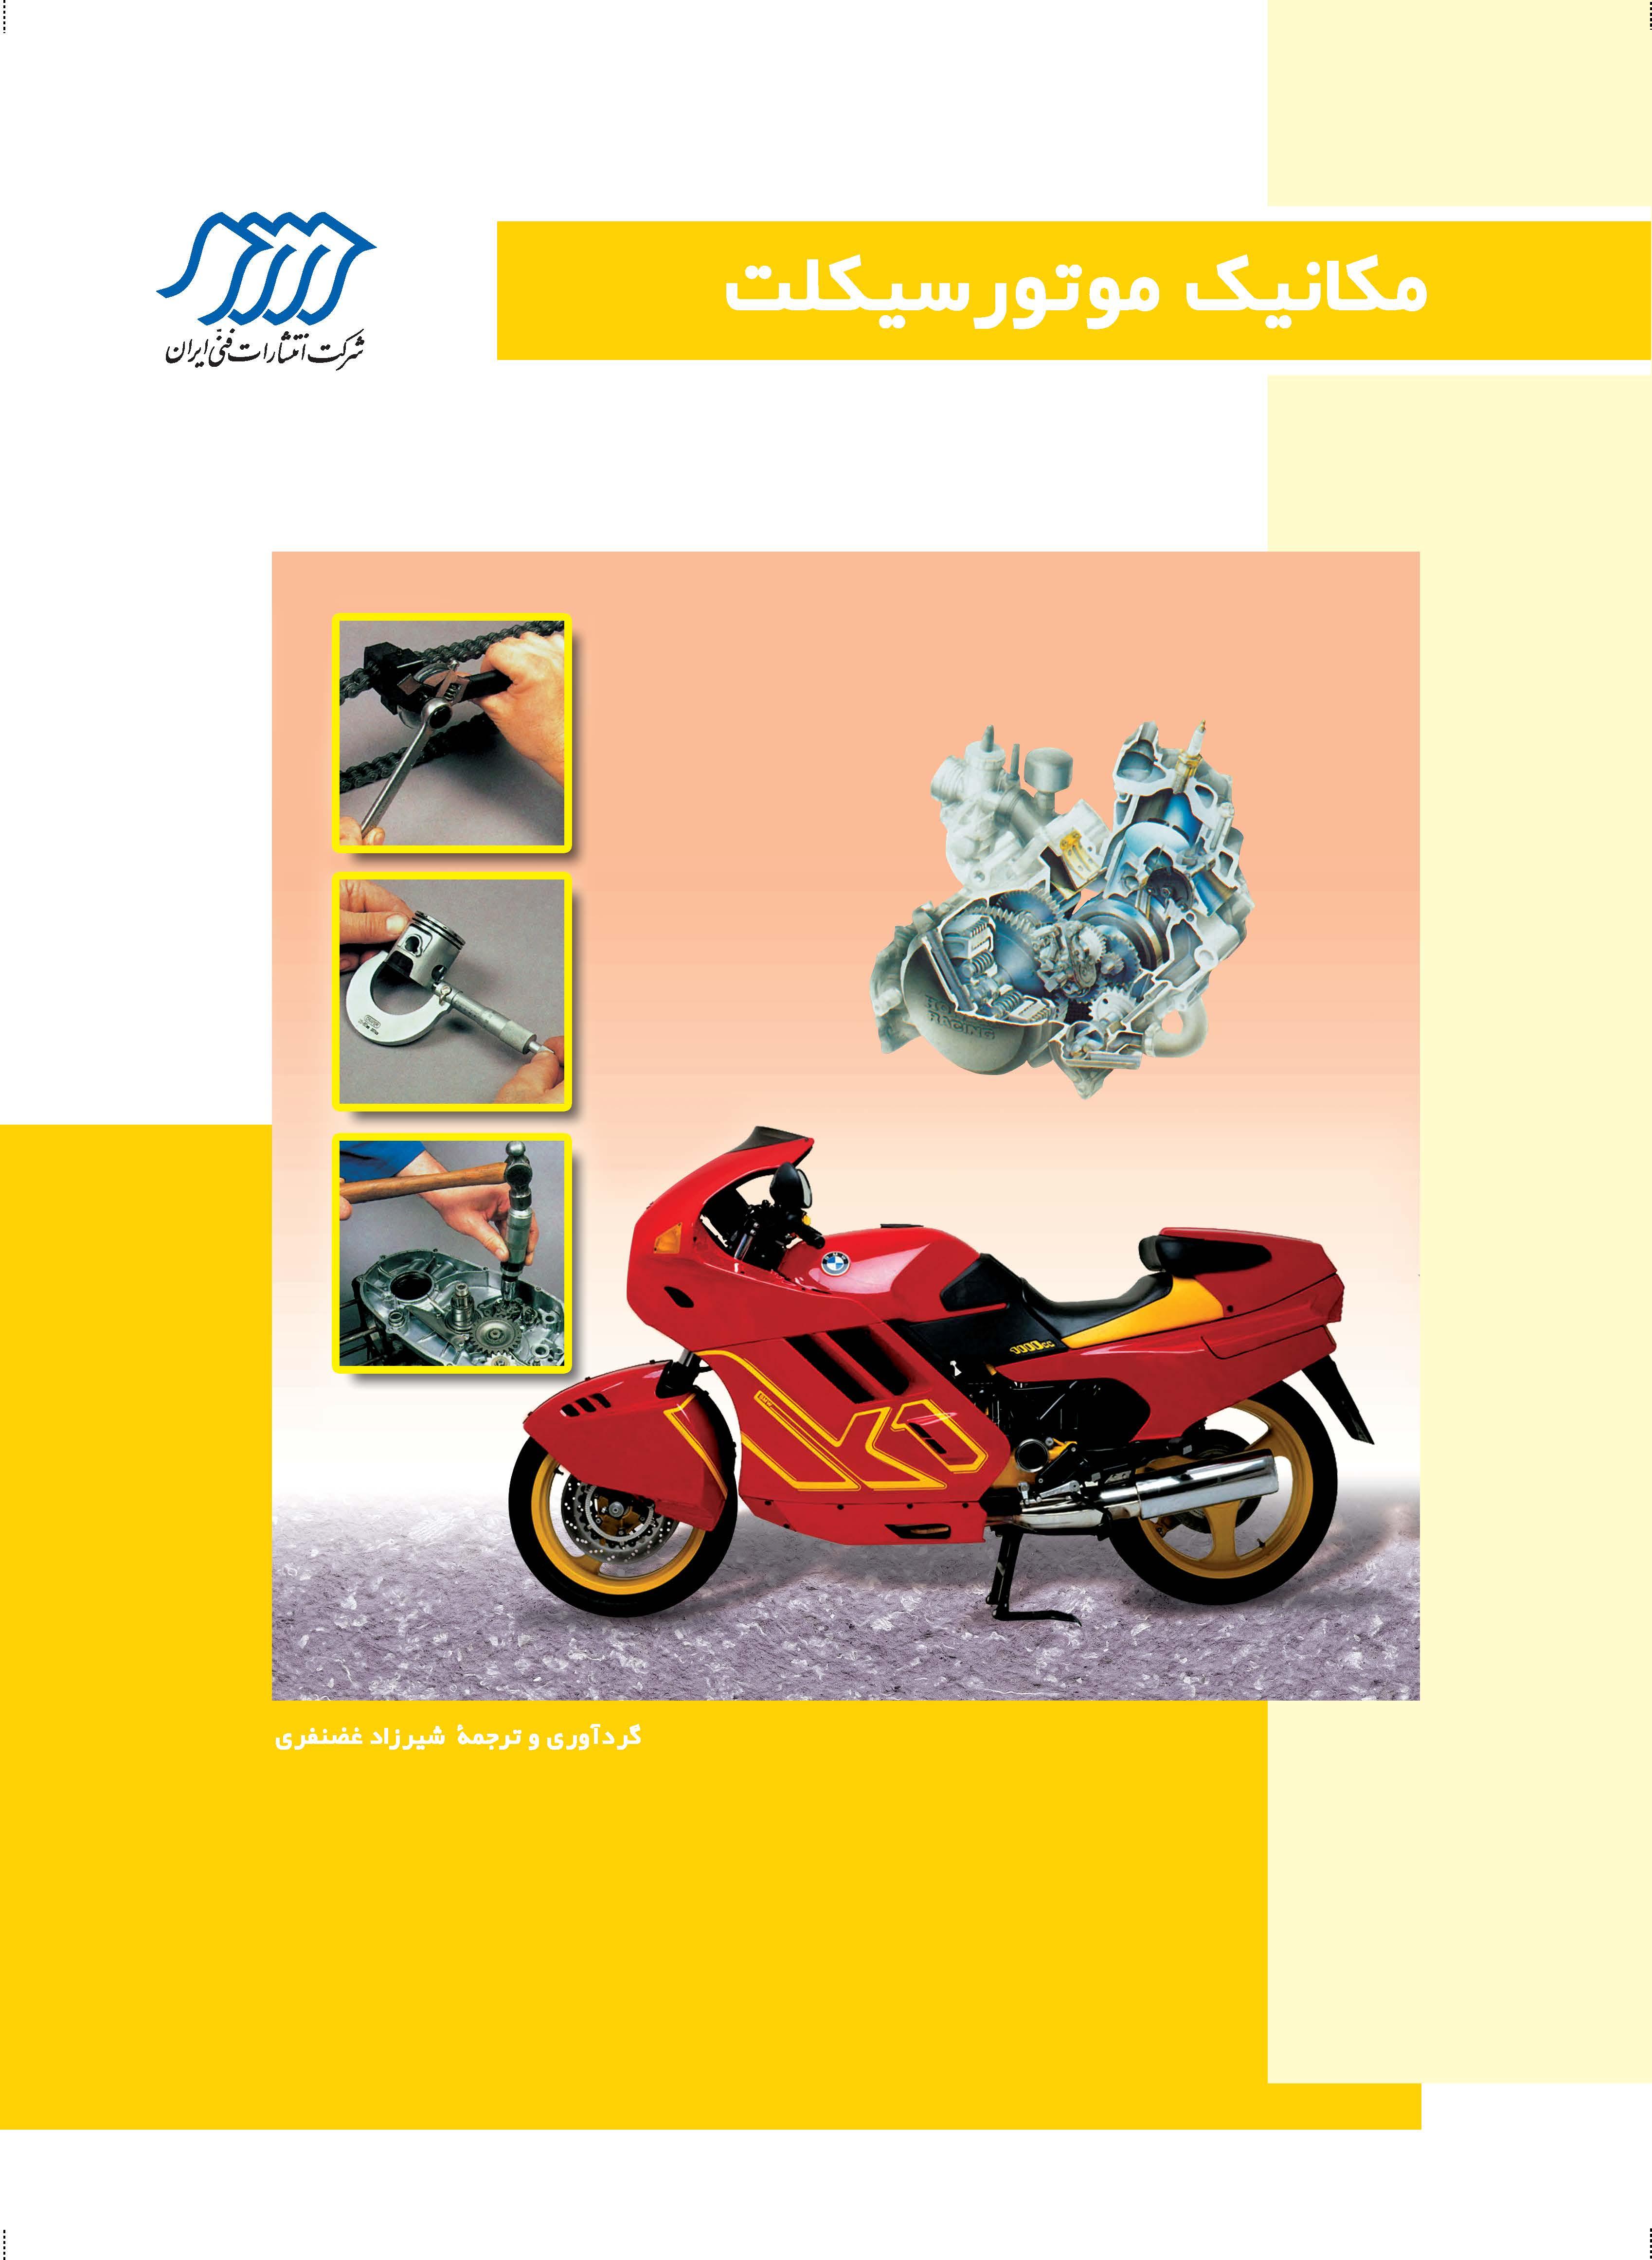 مکانیک موتور سیکلت